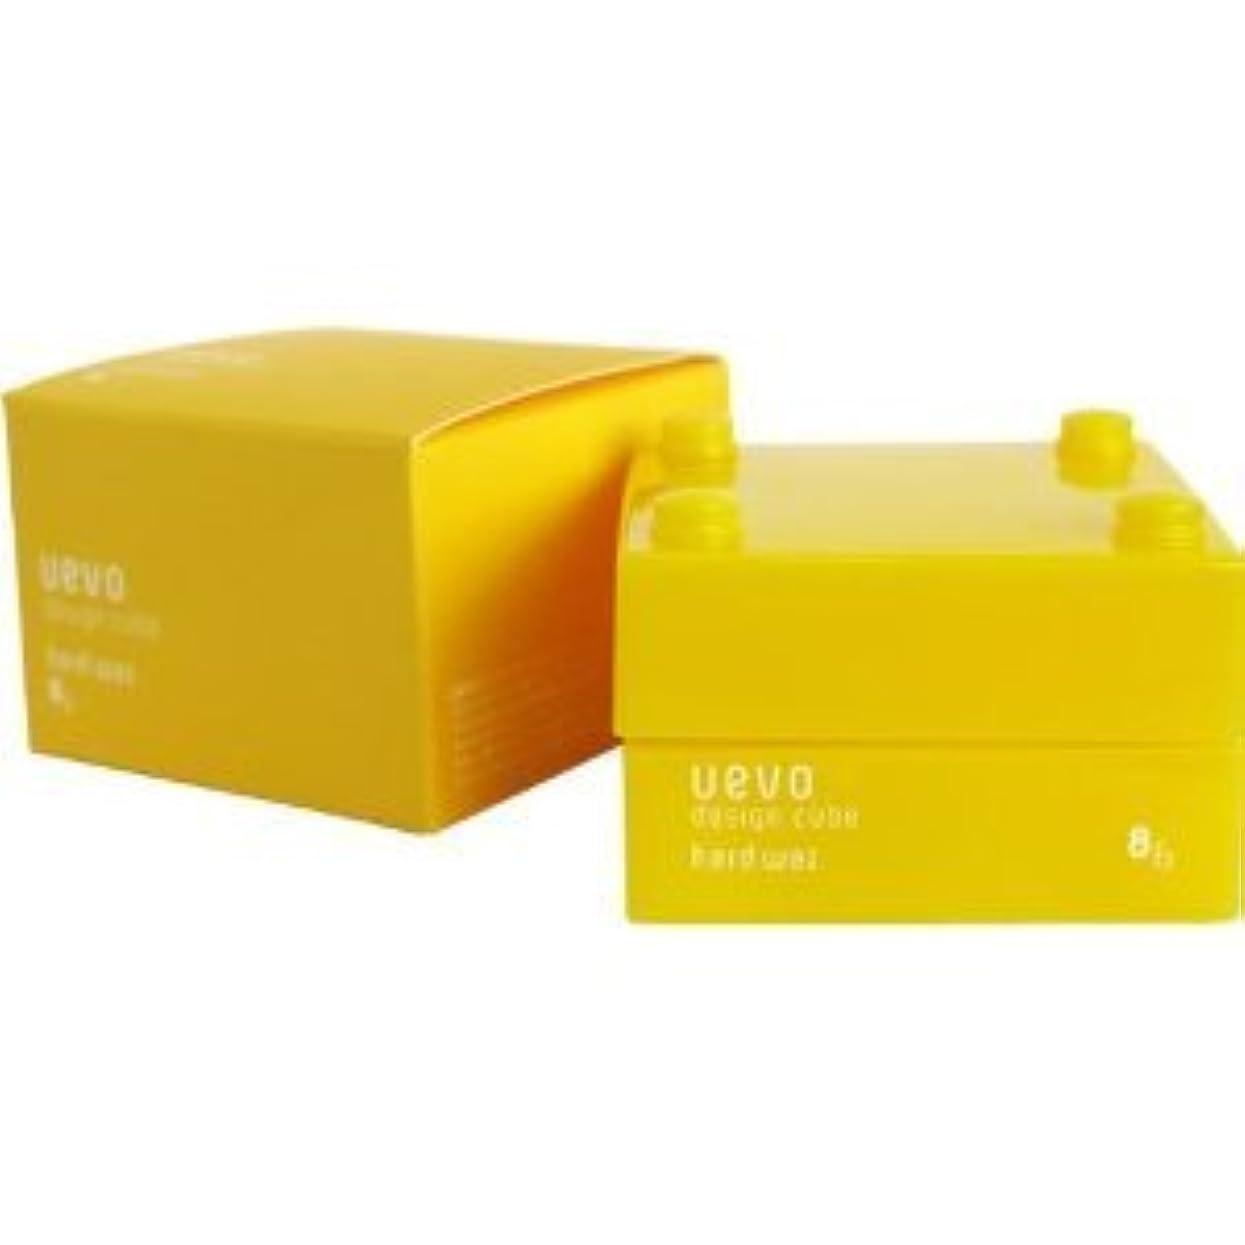 ふざけた自宅で付録【X2個セット】 デミ ウェーボ デザインキューブ ハードワックス 30g hard wax DEMI uevo design cube